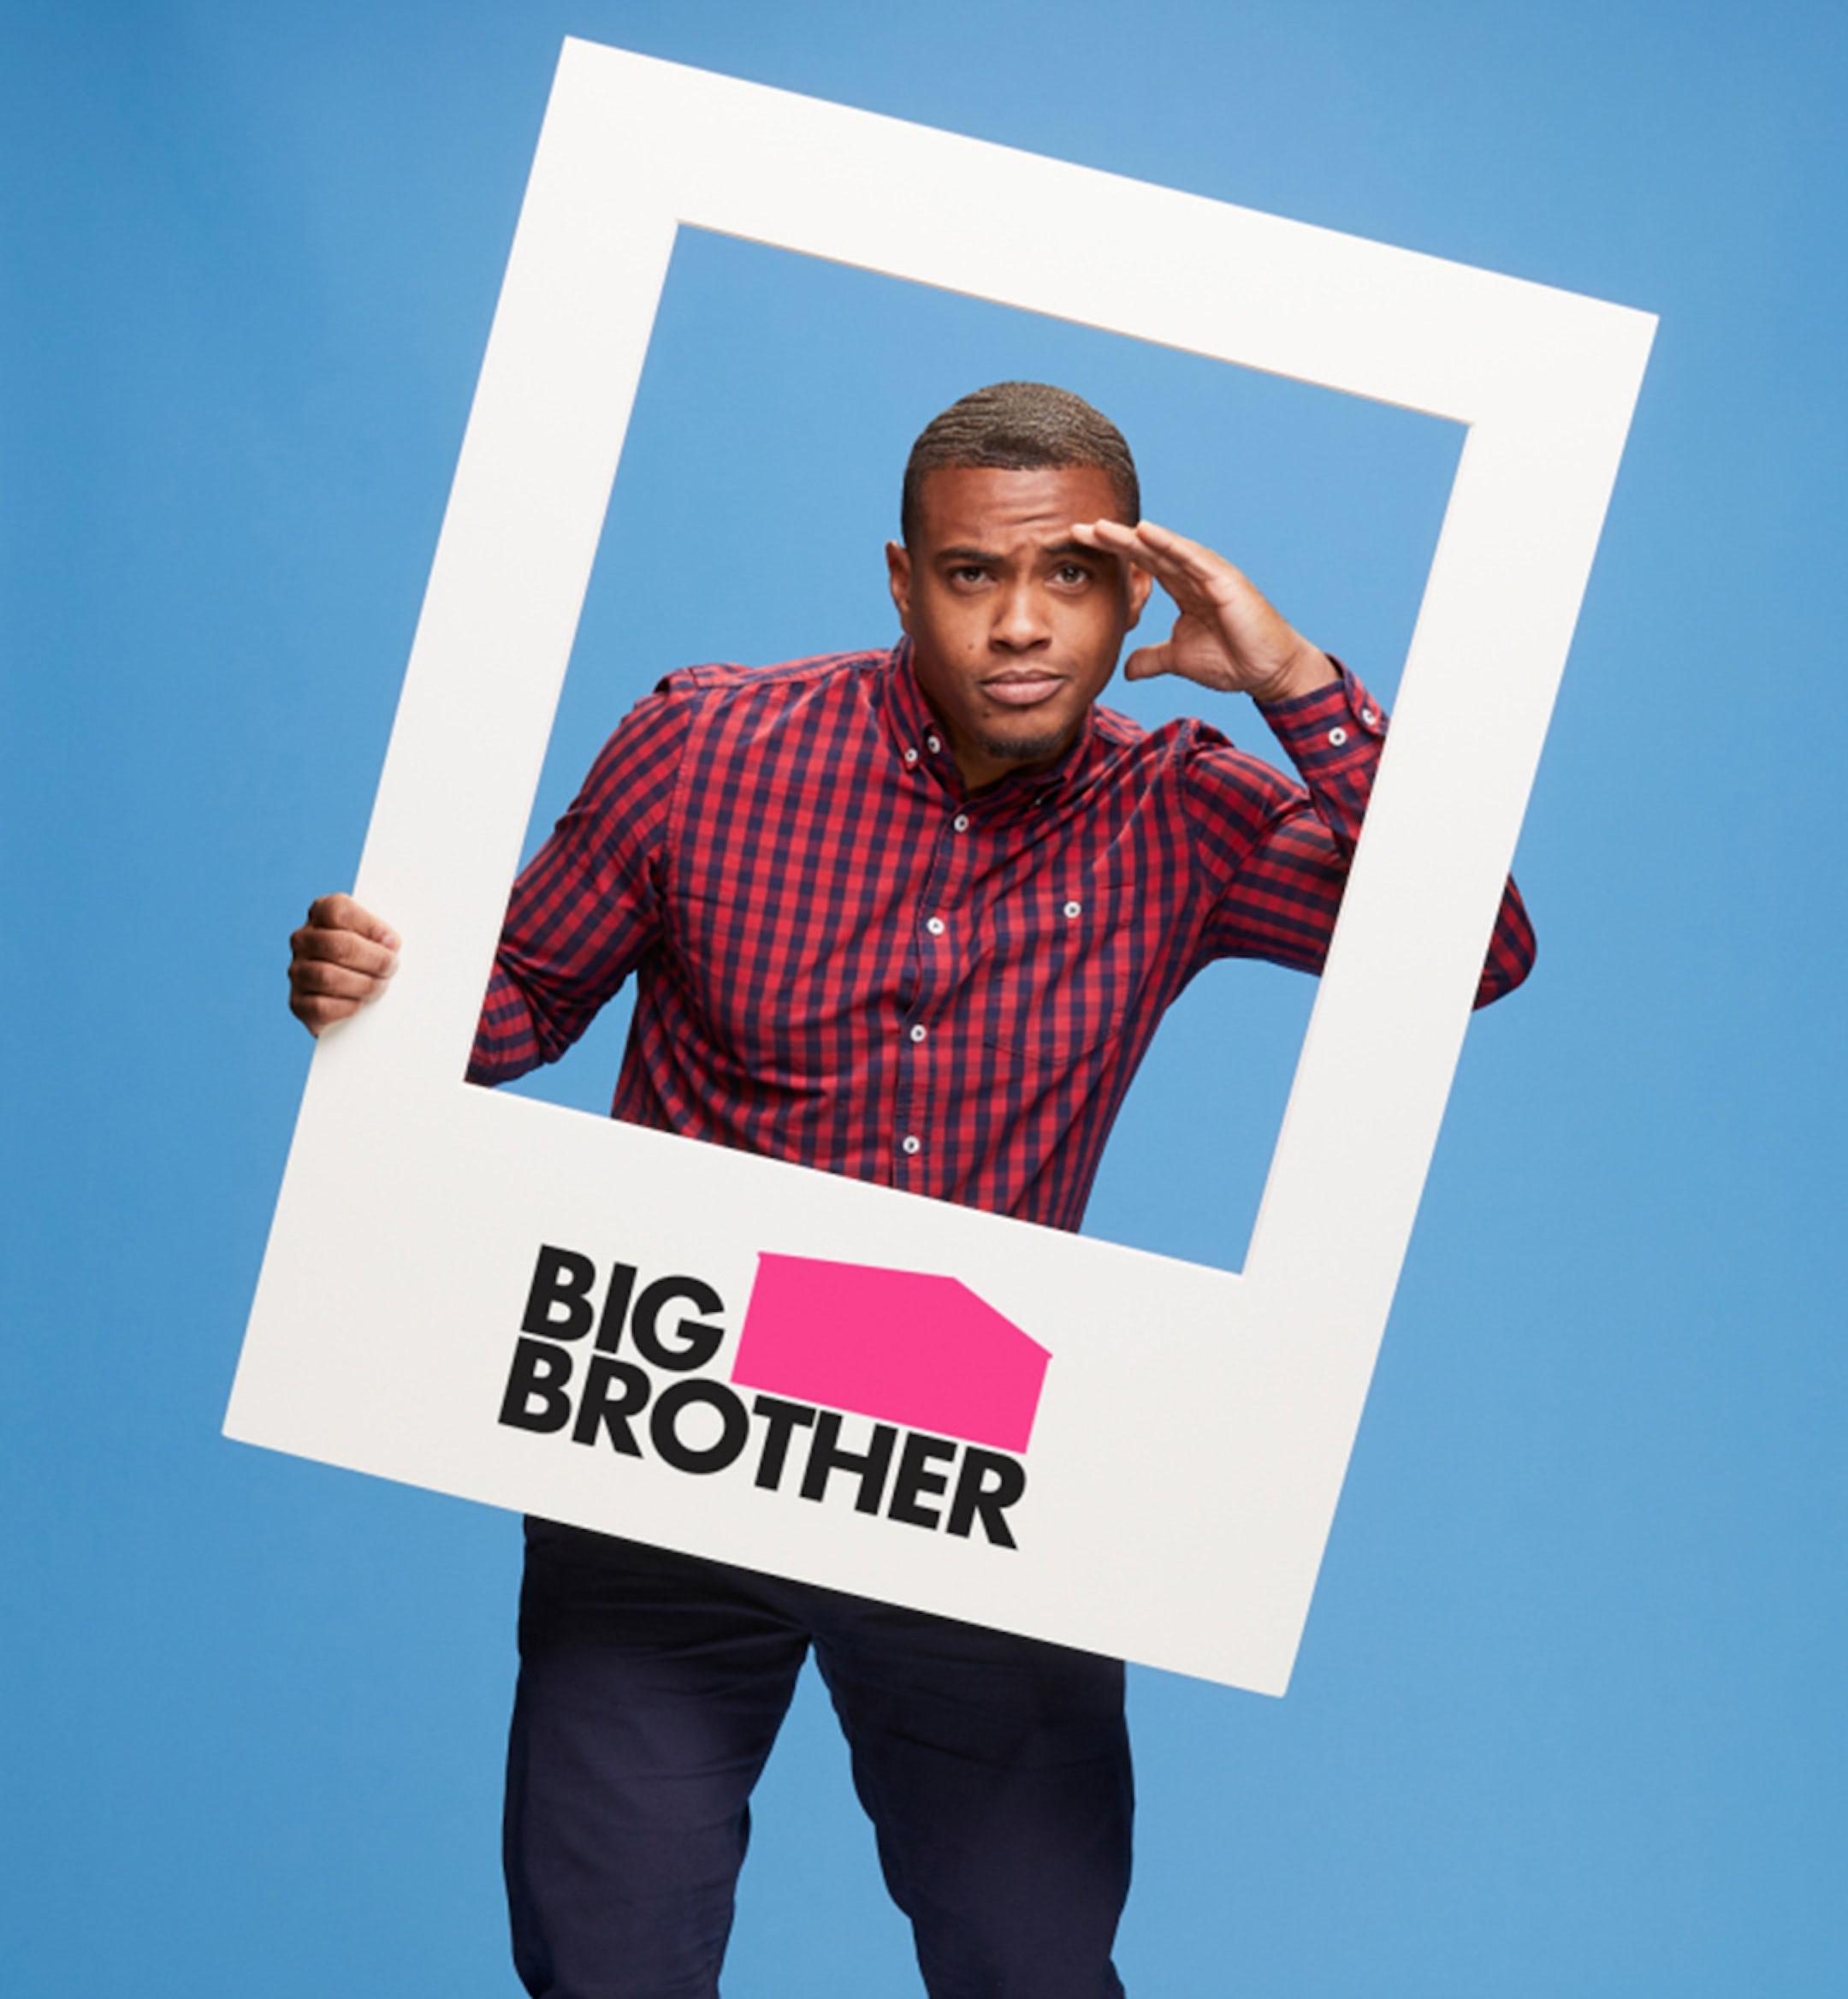 big brother season 21 mobile